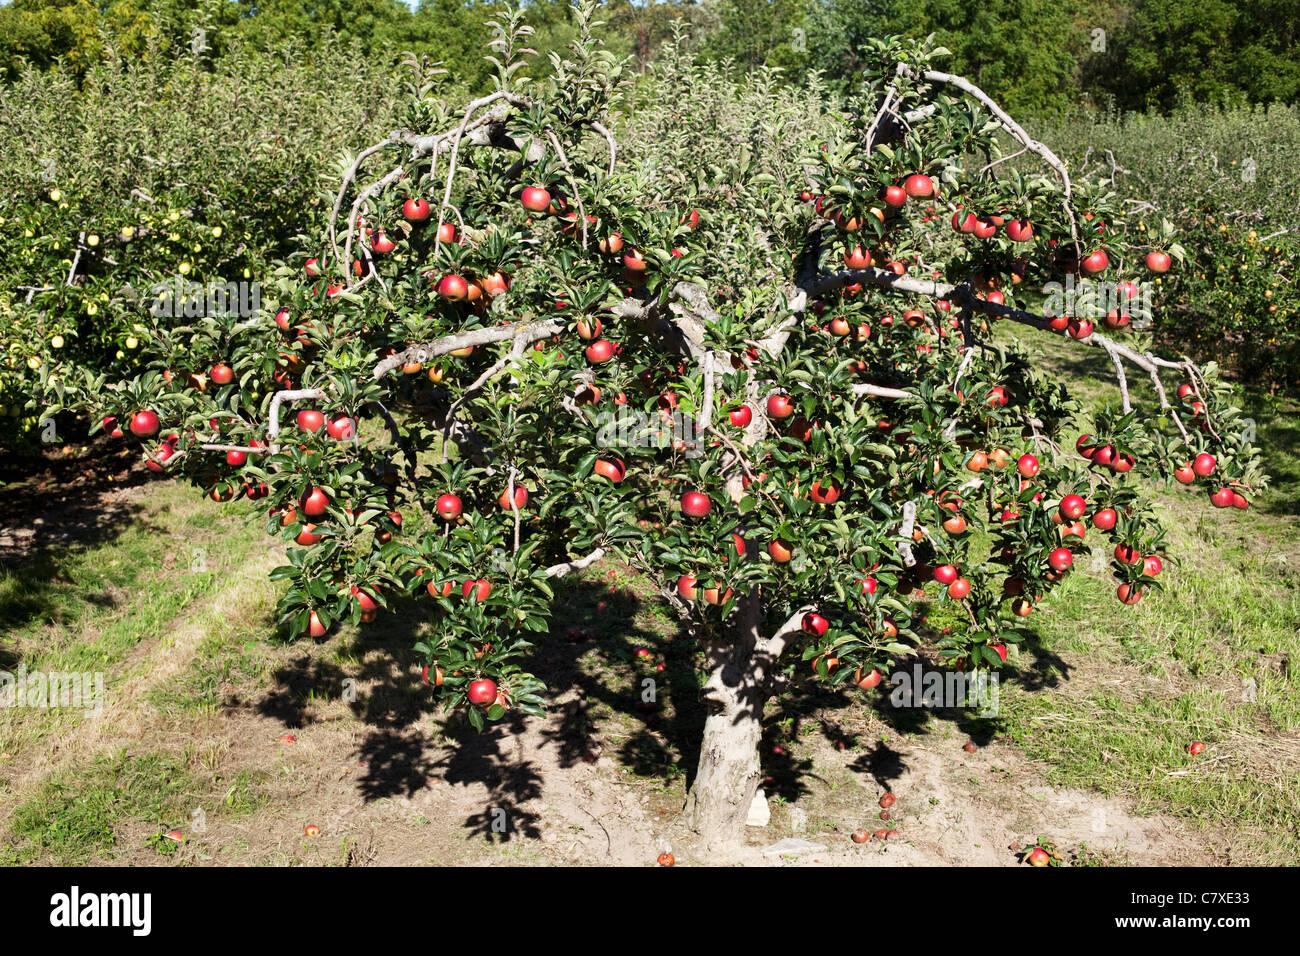 Canada,Ontario, Vineland, melo nel frutteto con mele mature Immagini Stock